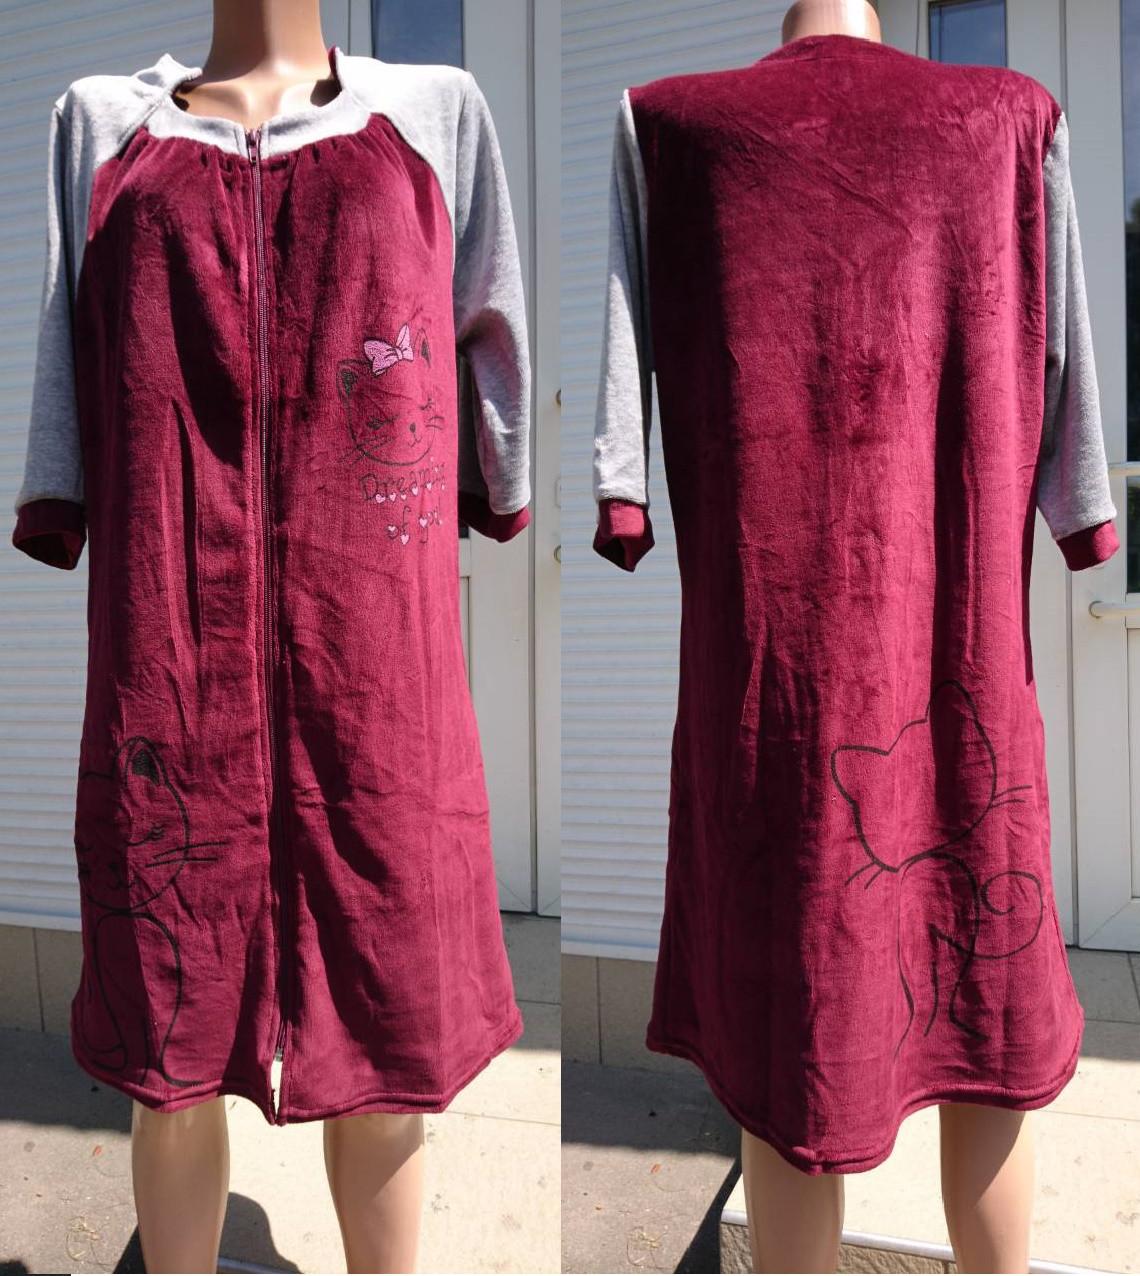 Жіночий велюровий халат на блискавці з принтом у вигляді кішки 44-54 р